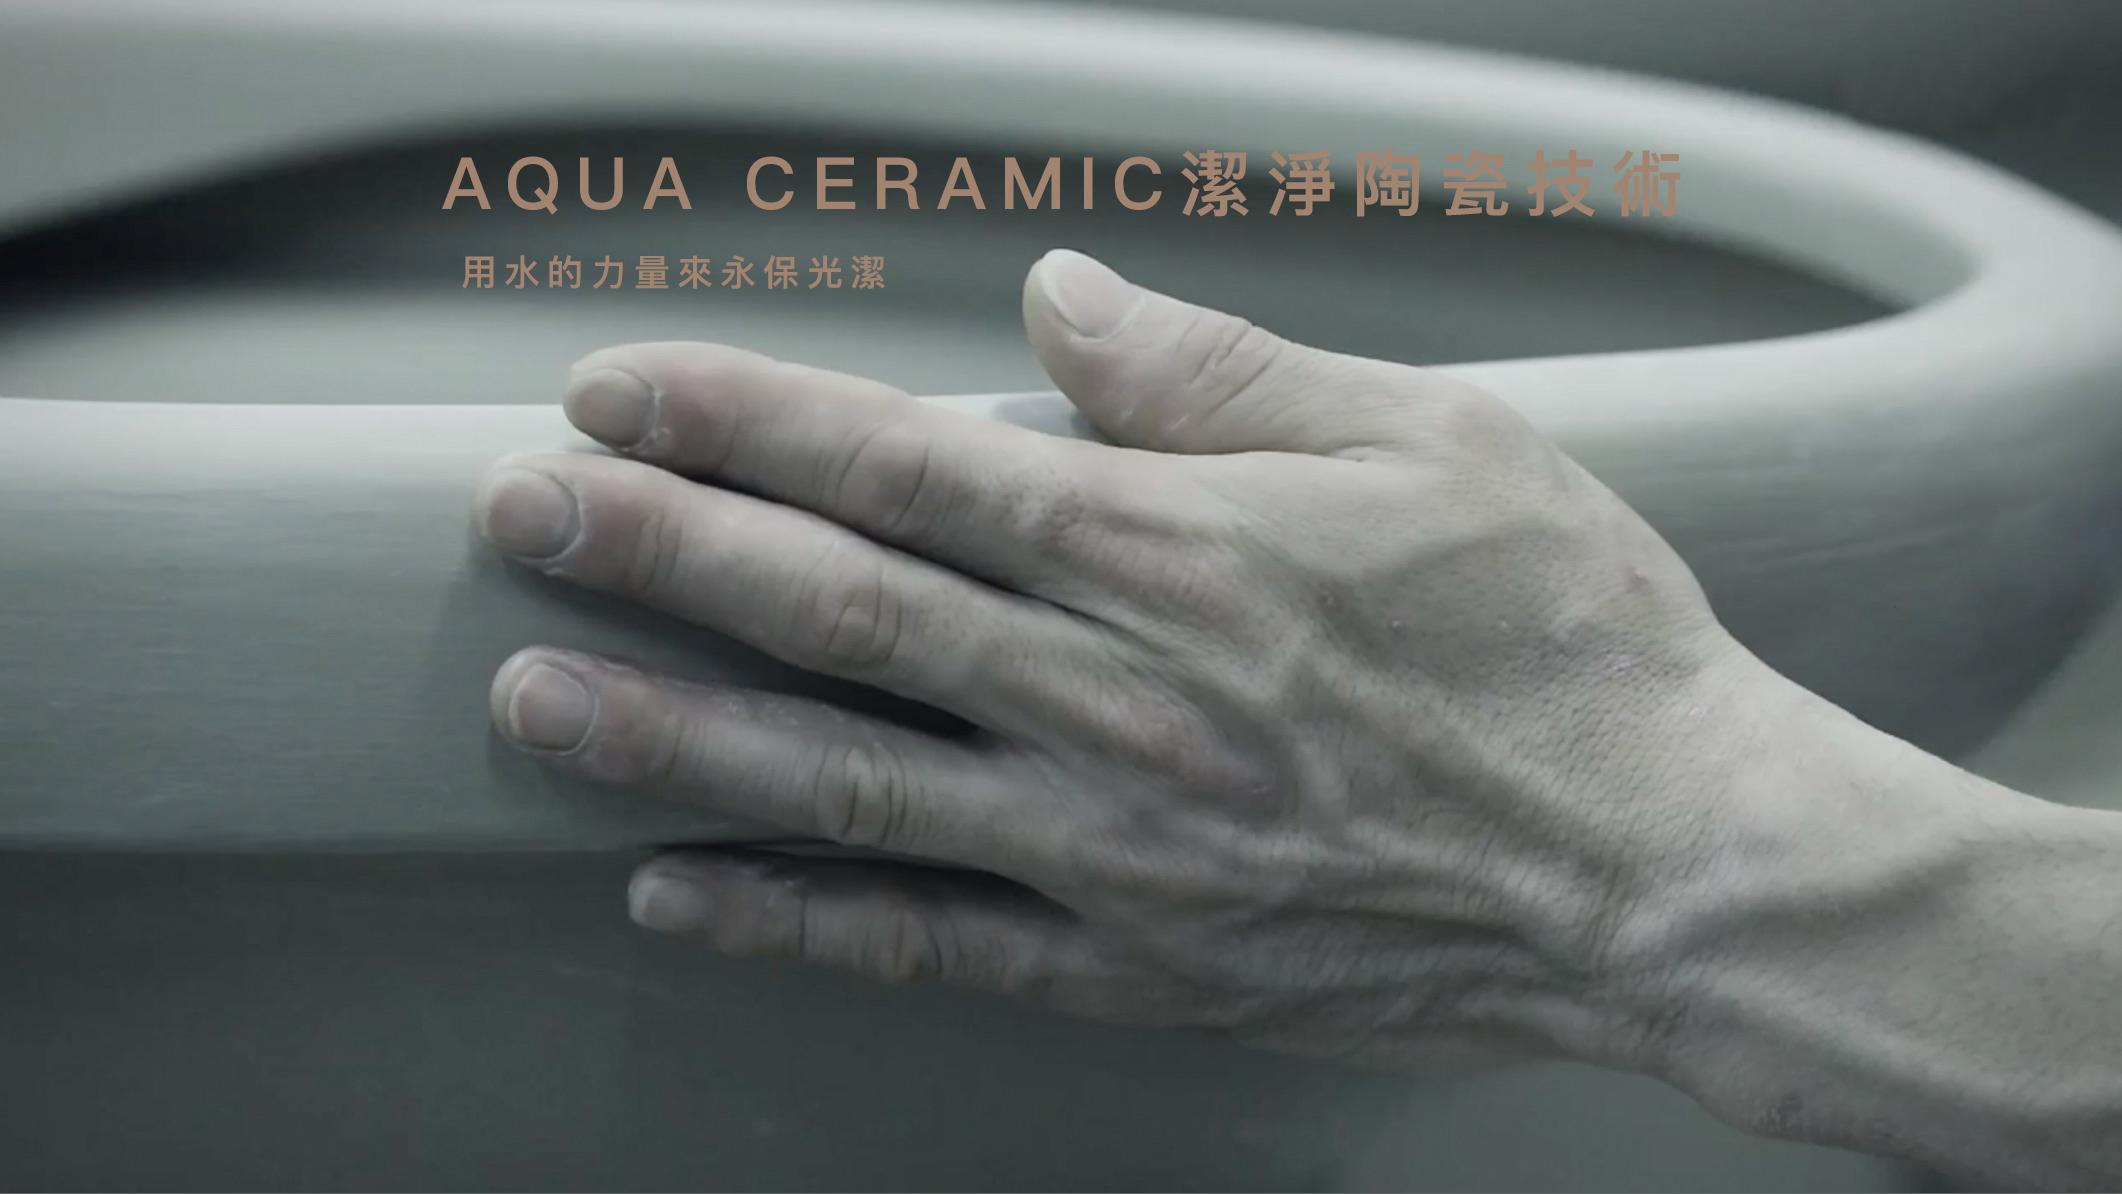 AQUA CERAMIC潔淨陶瓷技術